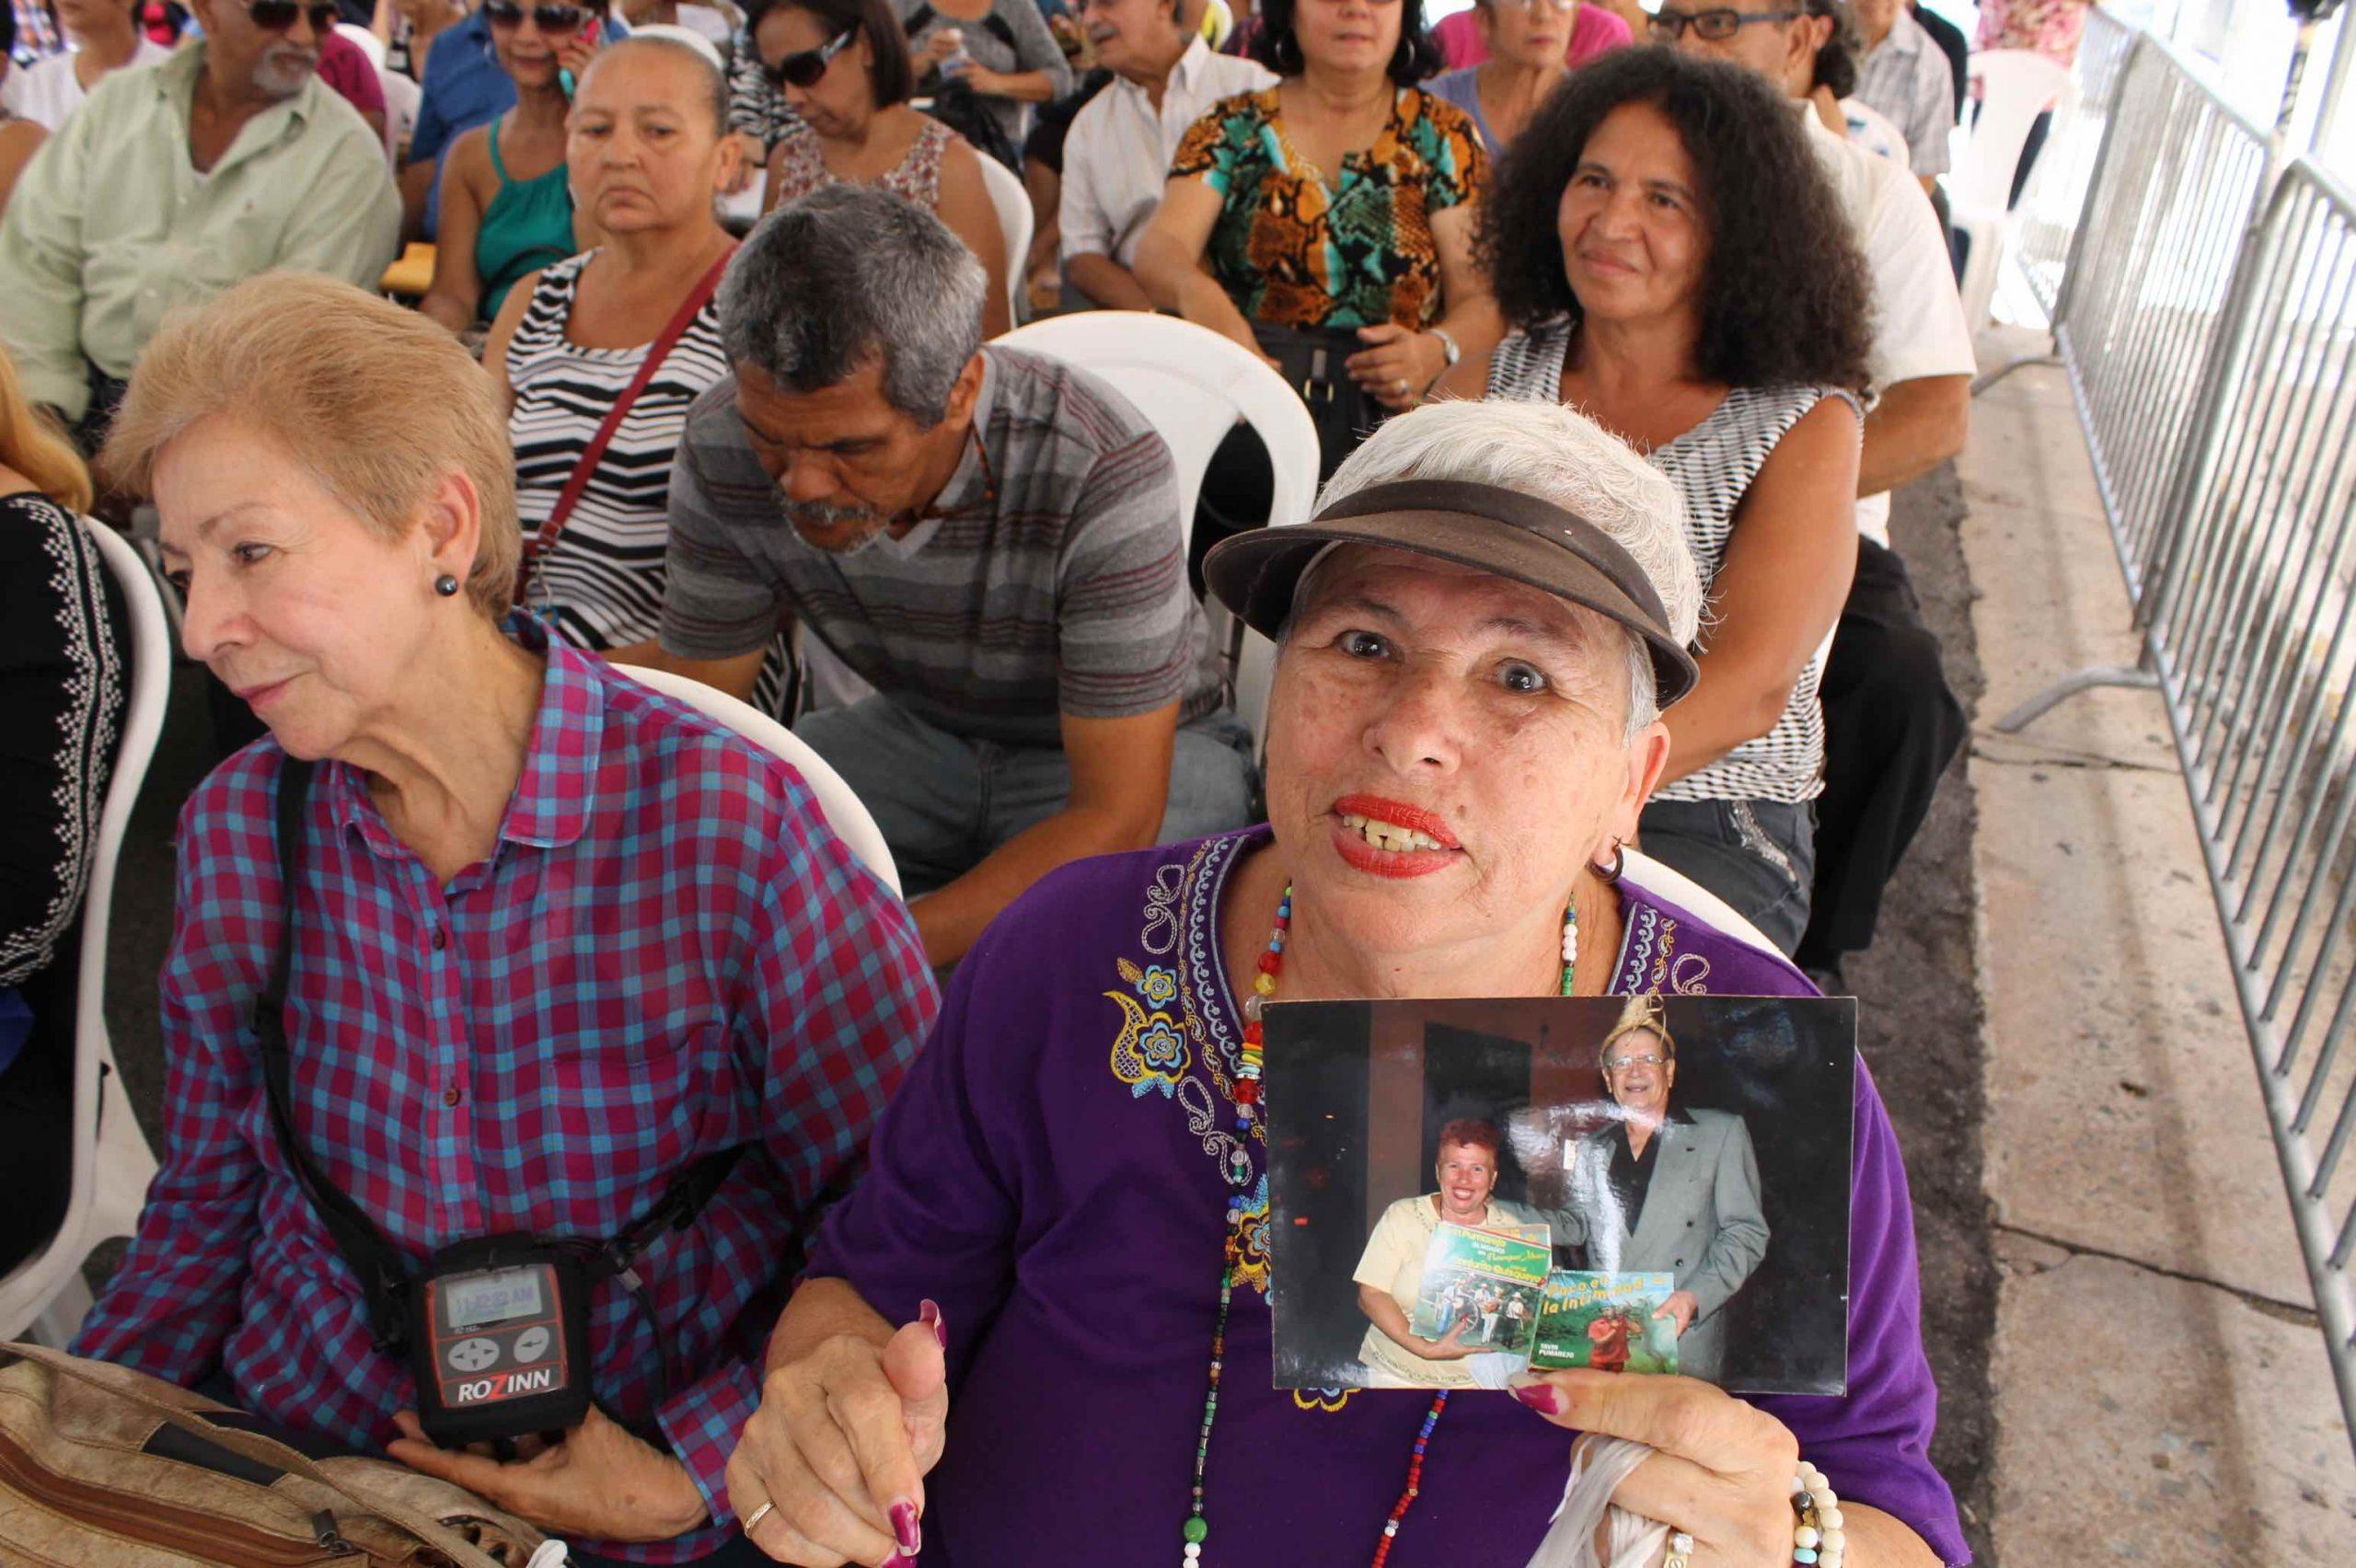 Personajes de pueblo rememoraron anécdotas vividas con Tavín en la comunidad. (Foto Edgar Torres para Fundación nacional para la Cultura Popular)